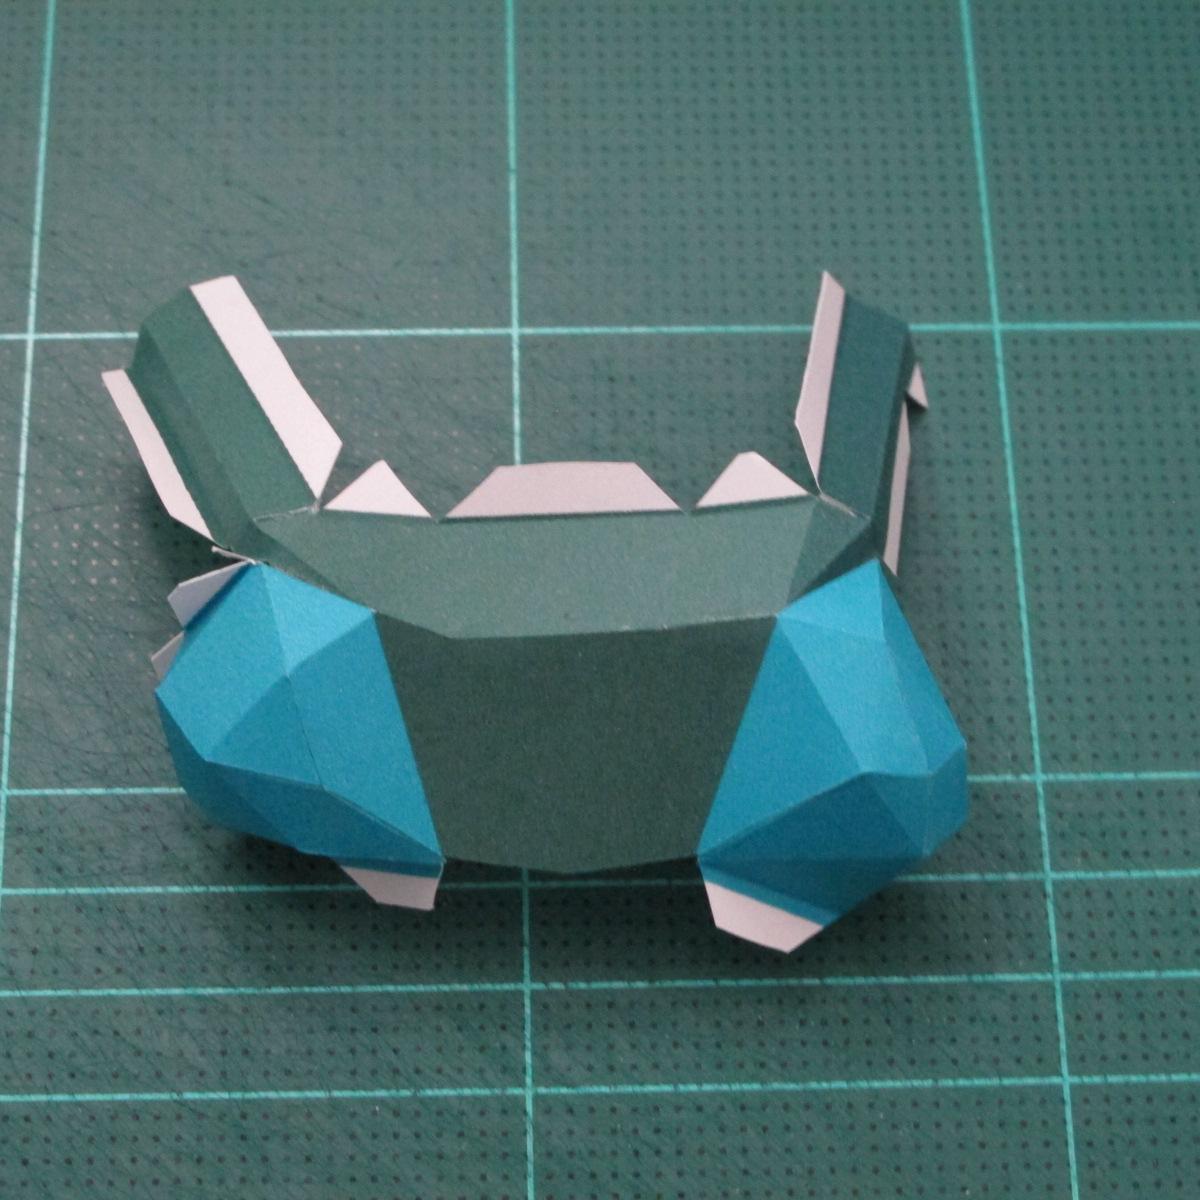 วิธีทำโมเดลกระดาษตุ้กตาคุกกี้รัน คุกกี้รสสตอเบอรี่ (LINE Cookie Run Strawberry Cookie Papercraft Model) 021